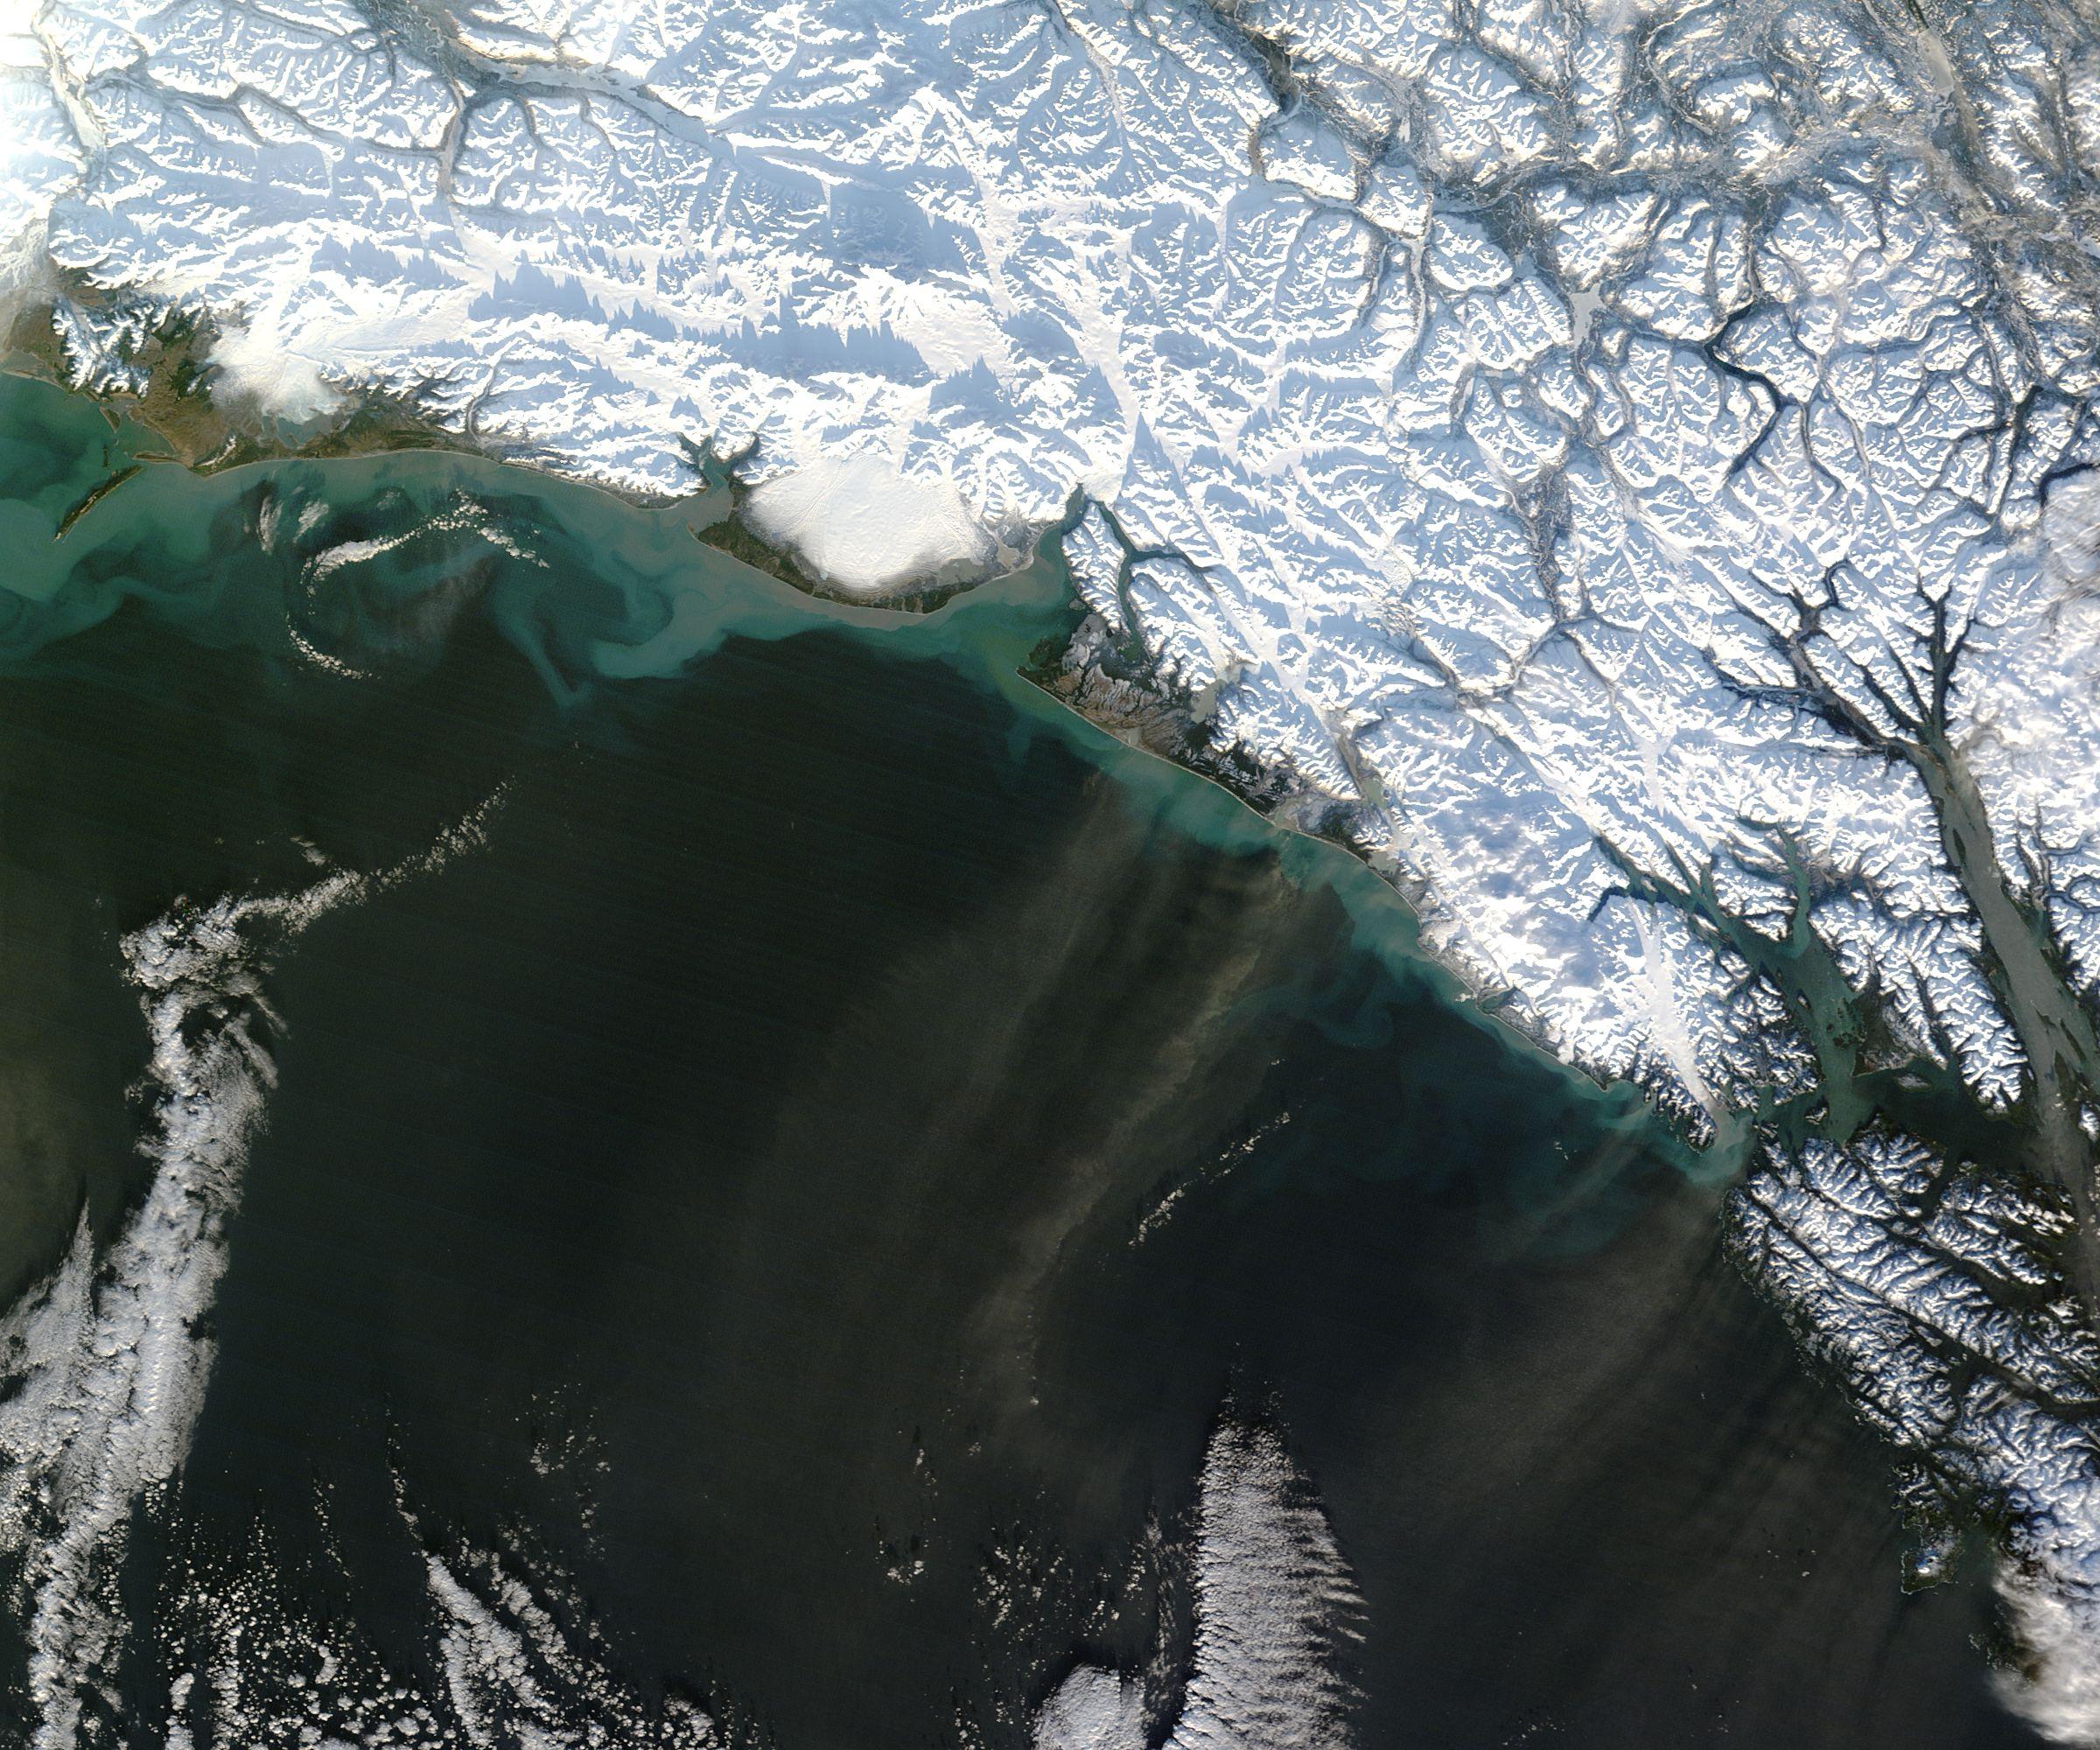 Penachos de polvorada cerca de Alaska